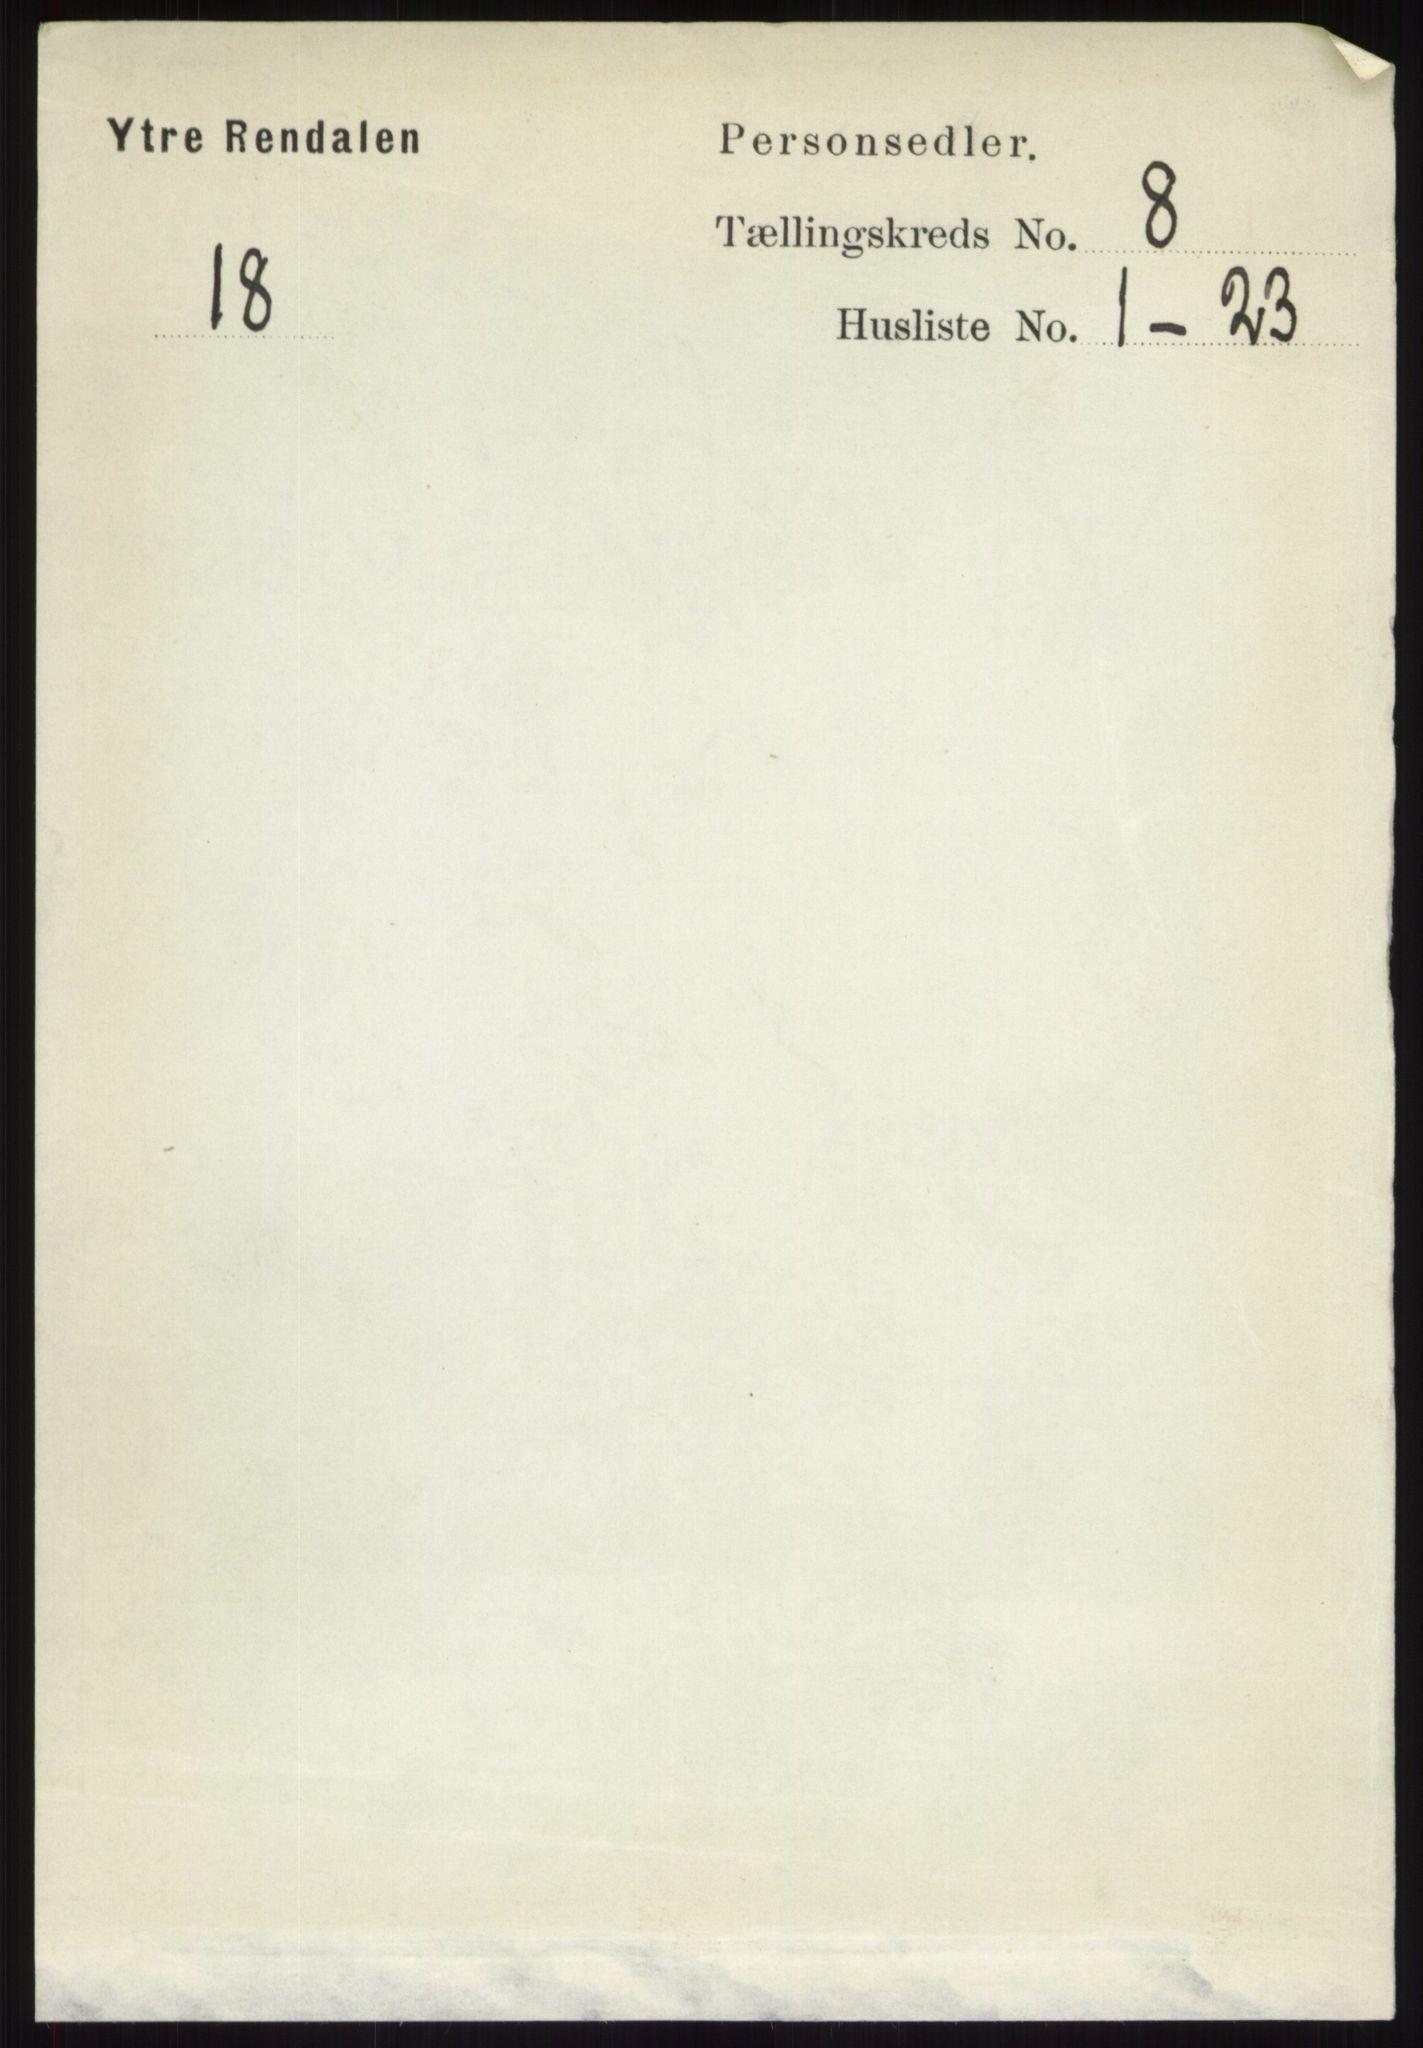 RA, Folketelling 1891 for 0432 Ytre Rendal herred, 1891, s. 2093